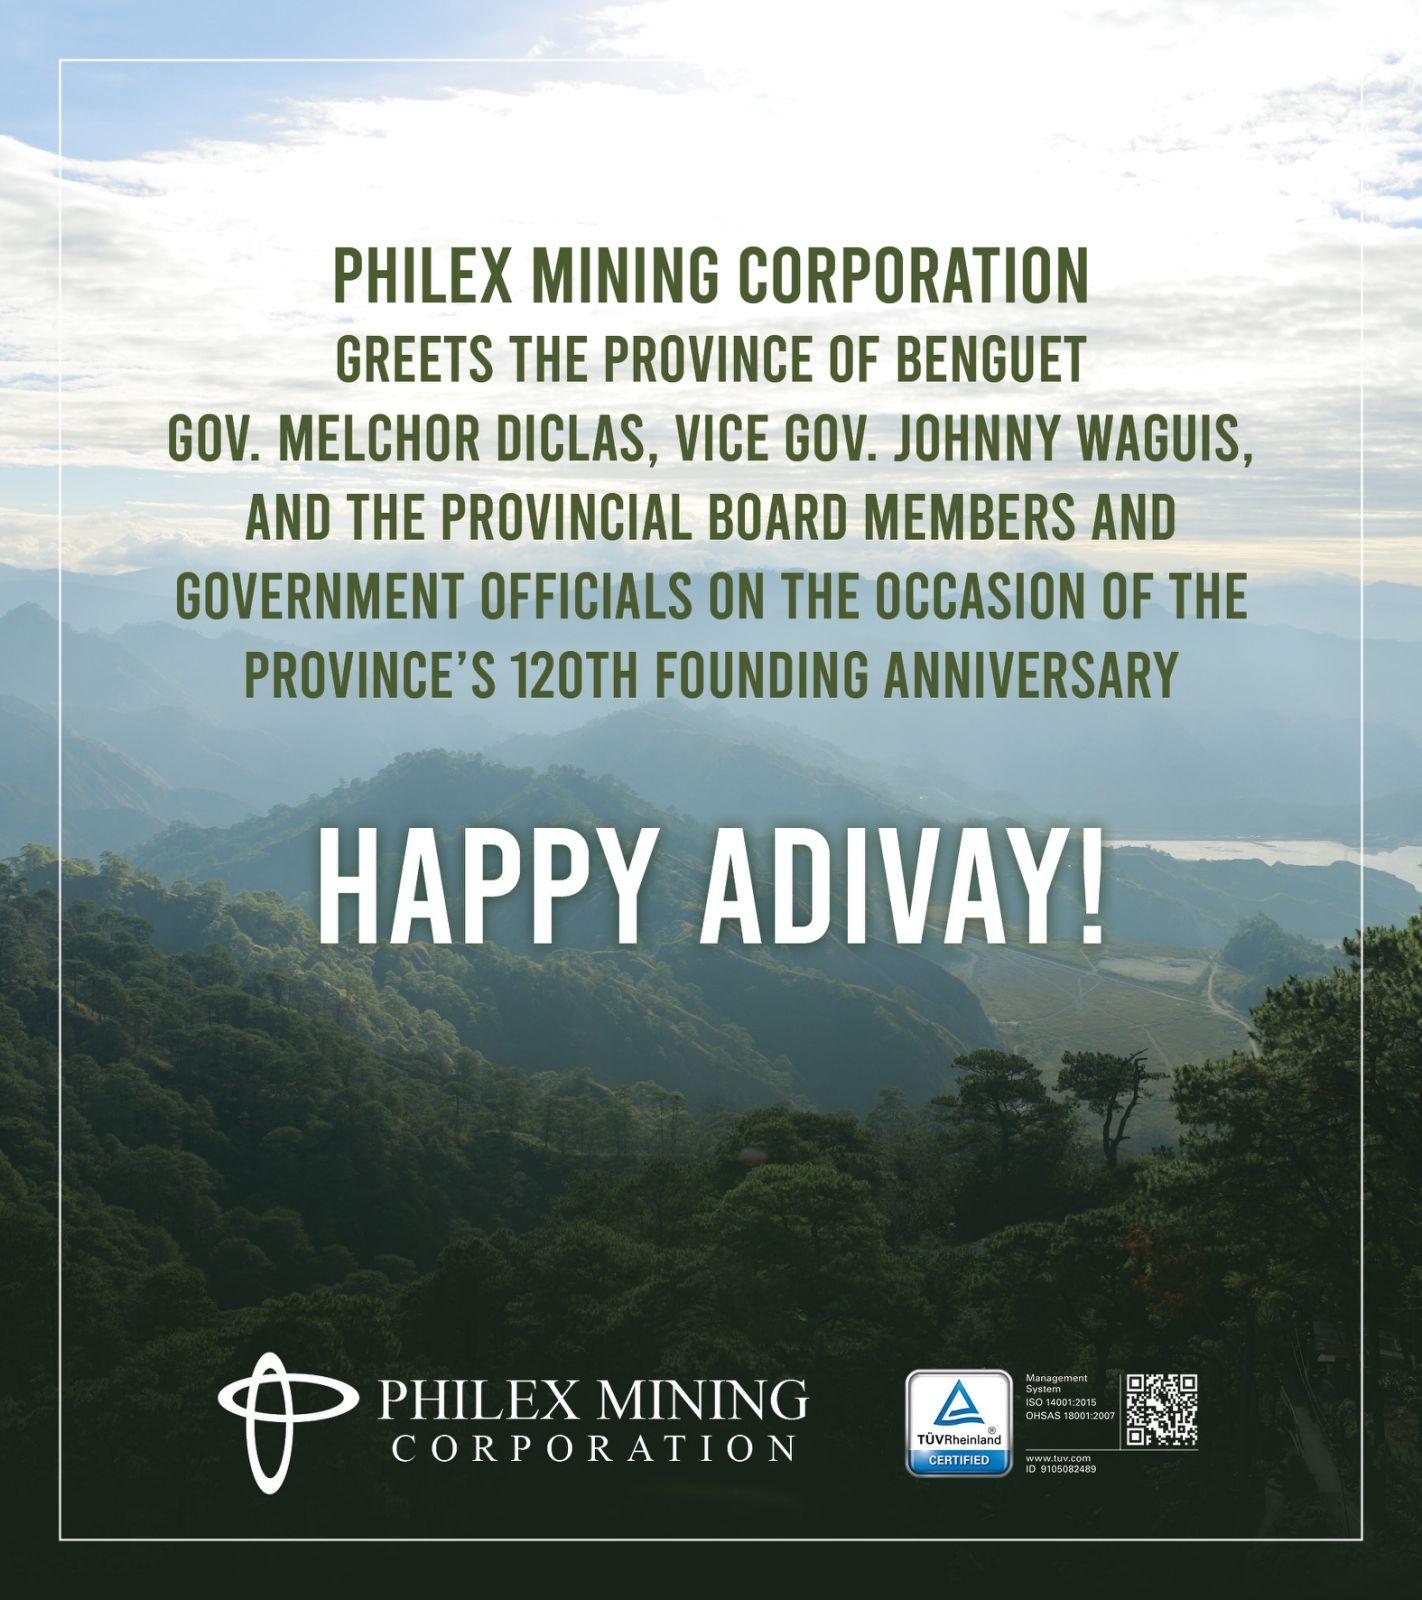 Happy Adivay